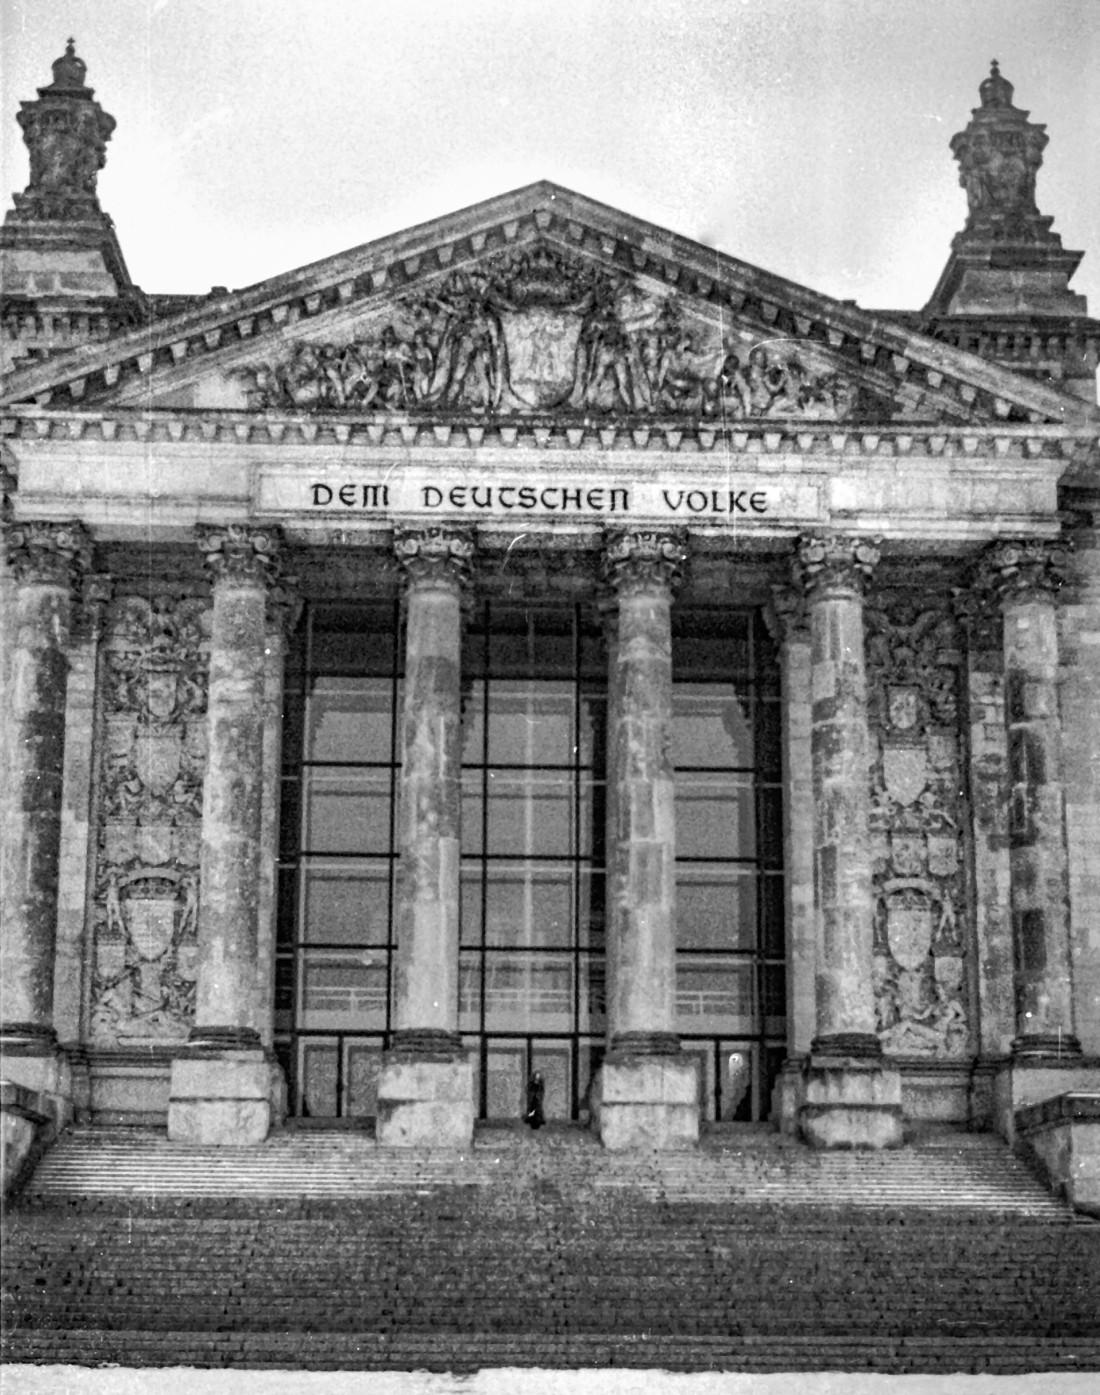 Febr. 1973, das alte Reichstaggebäude, noch ohne Kuppel